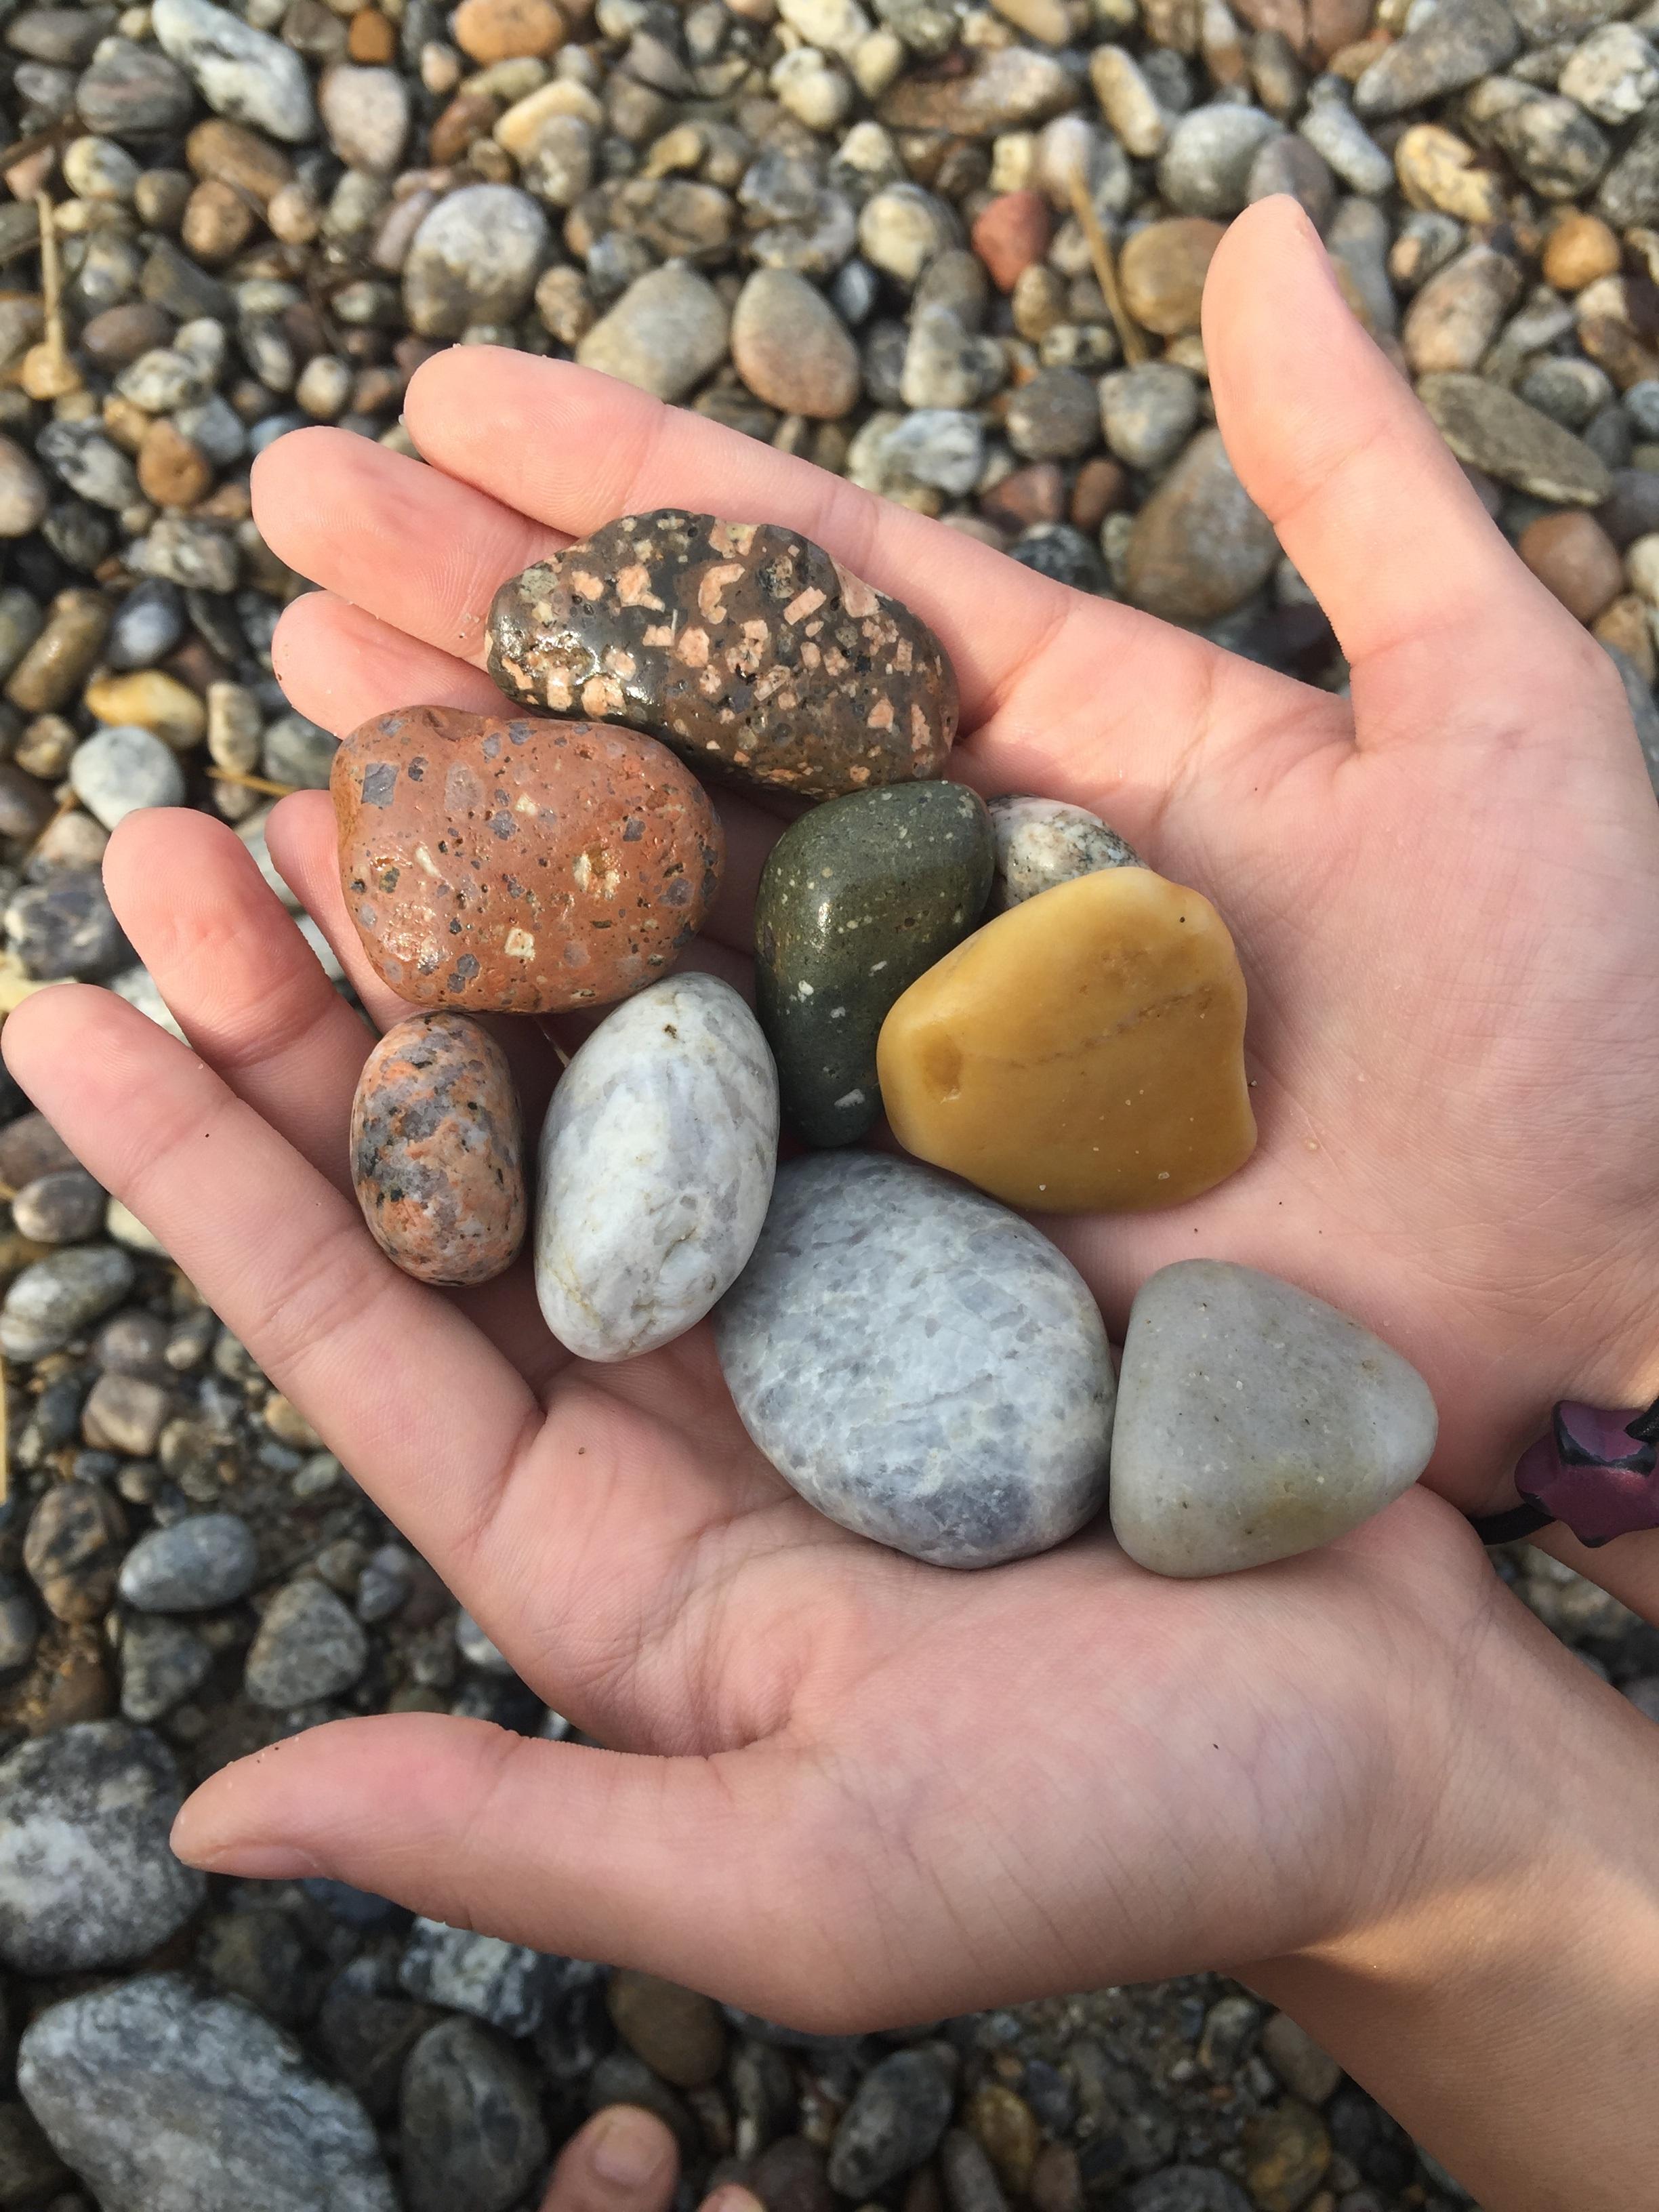 заказ морские камни фото и описание может быть